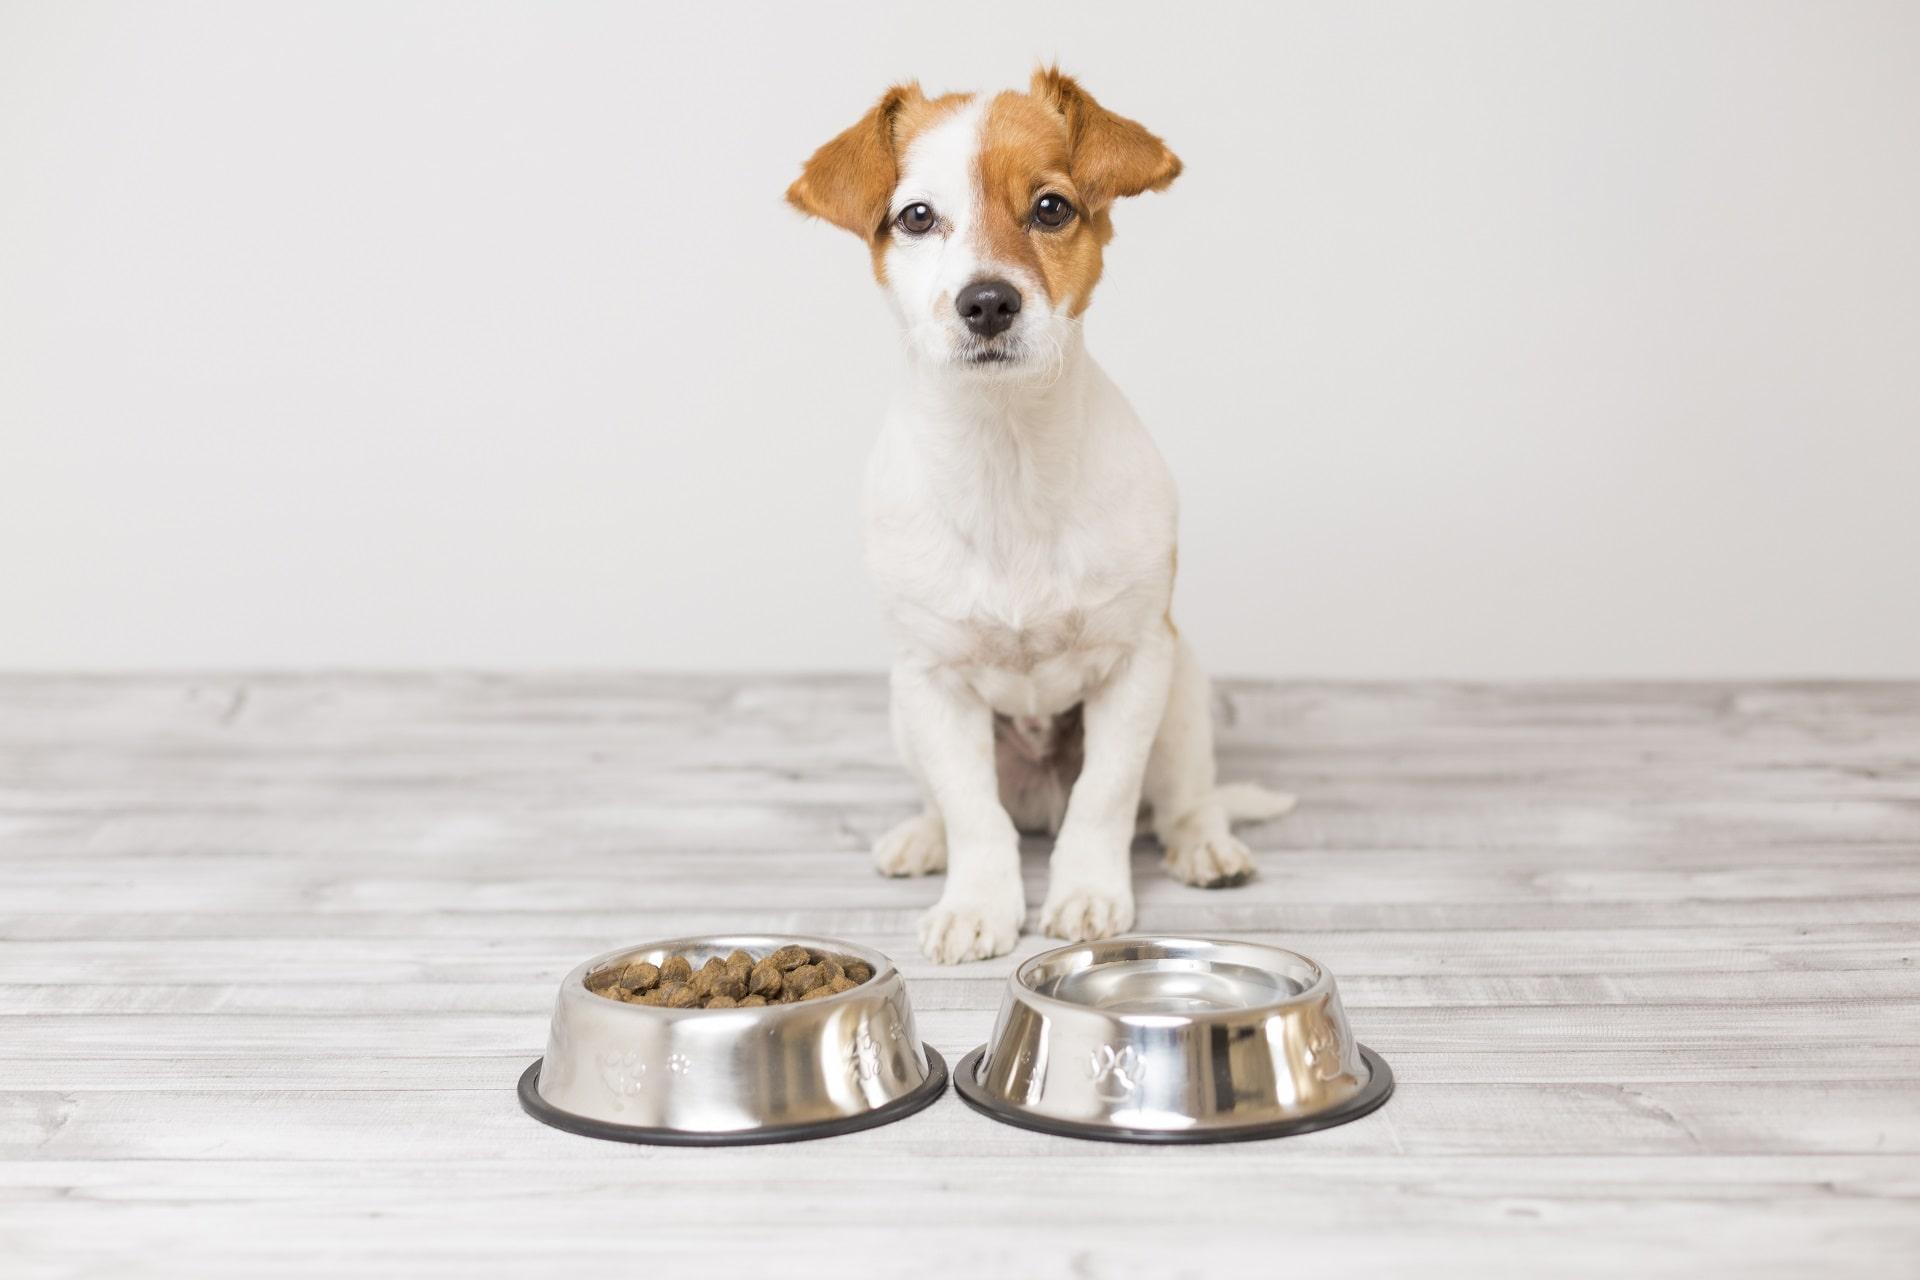 czego nie może jeść pies